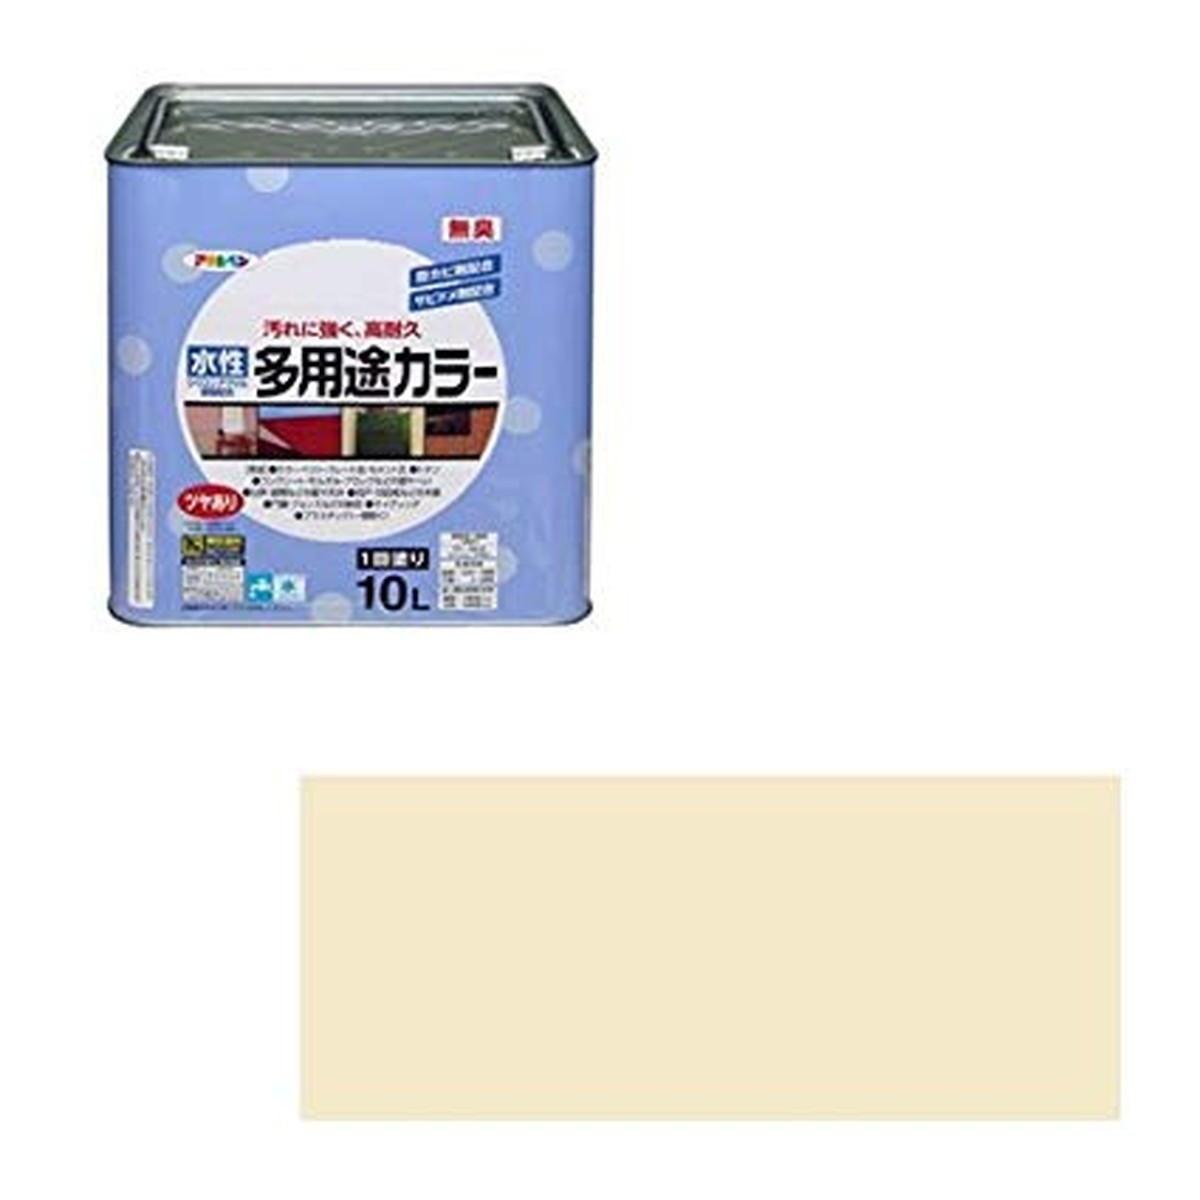 アサヒペン 水性多用途カラー 10L アイボリー